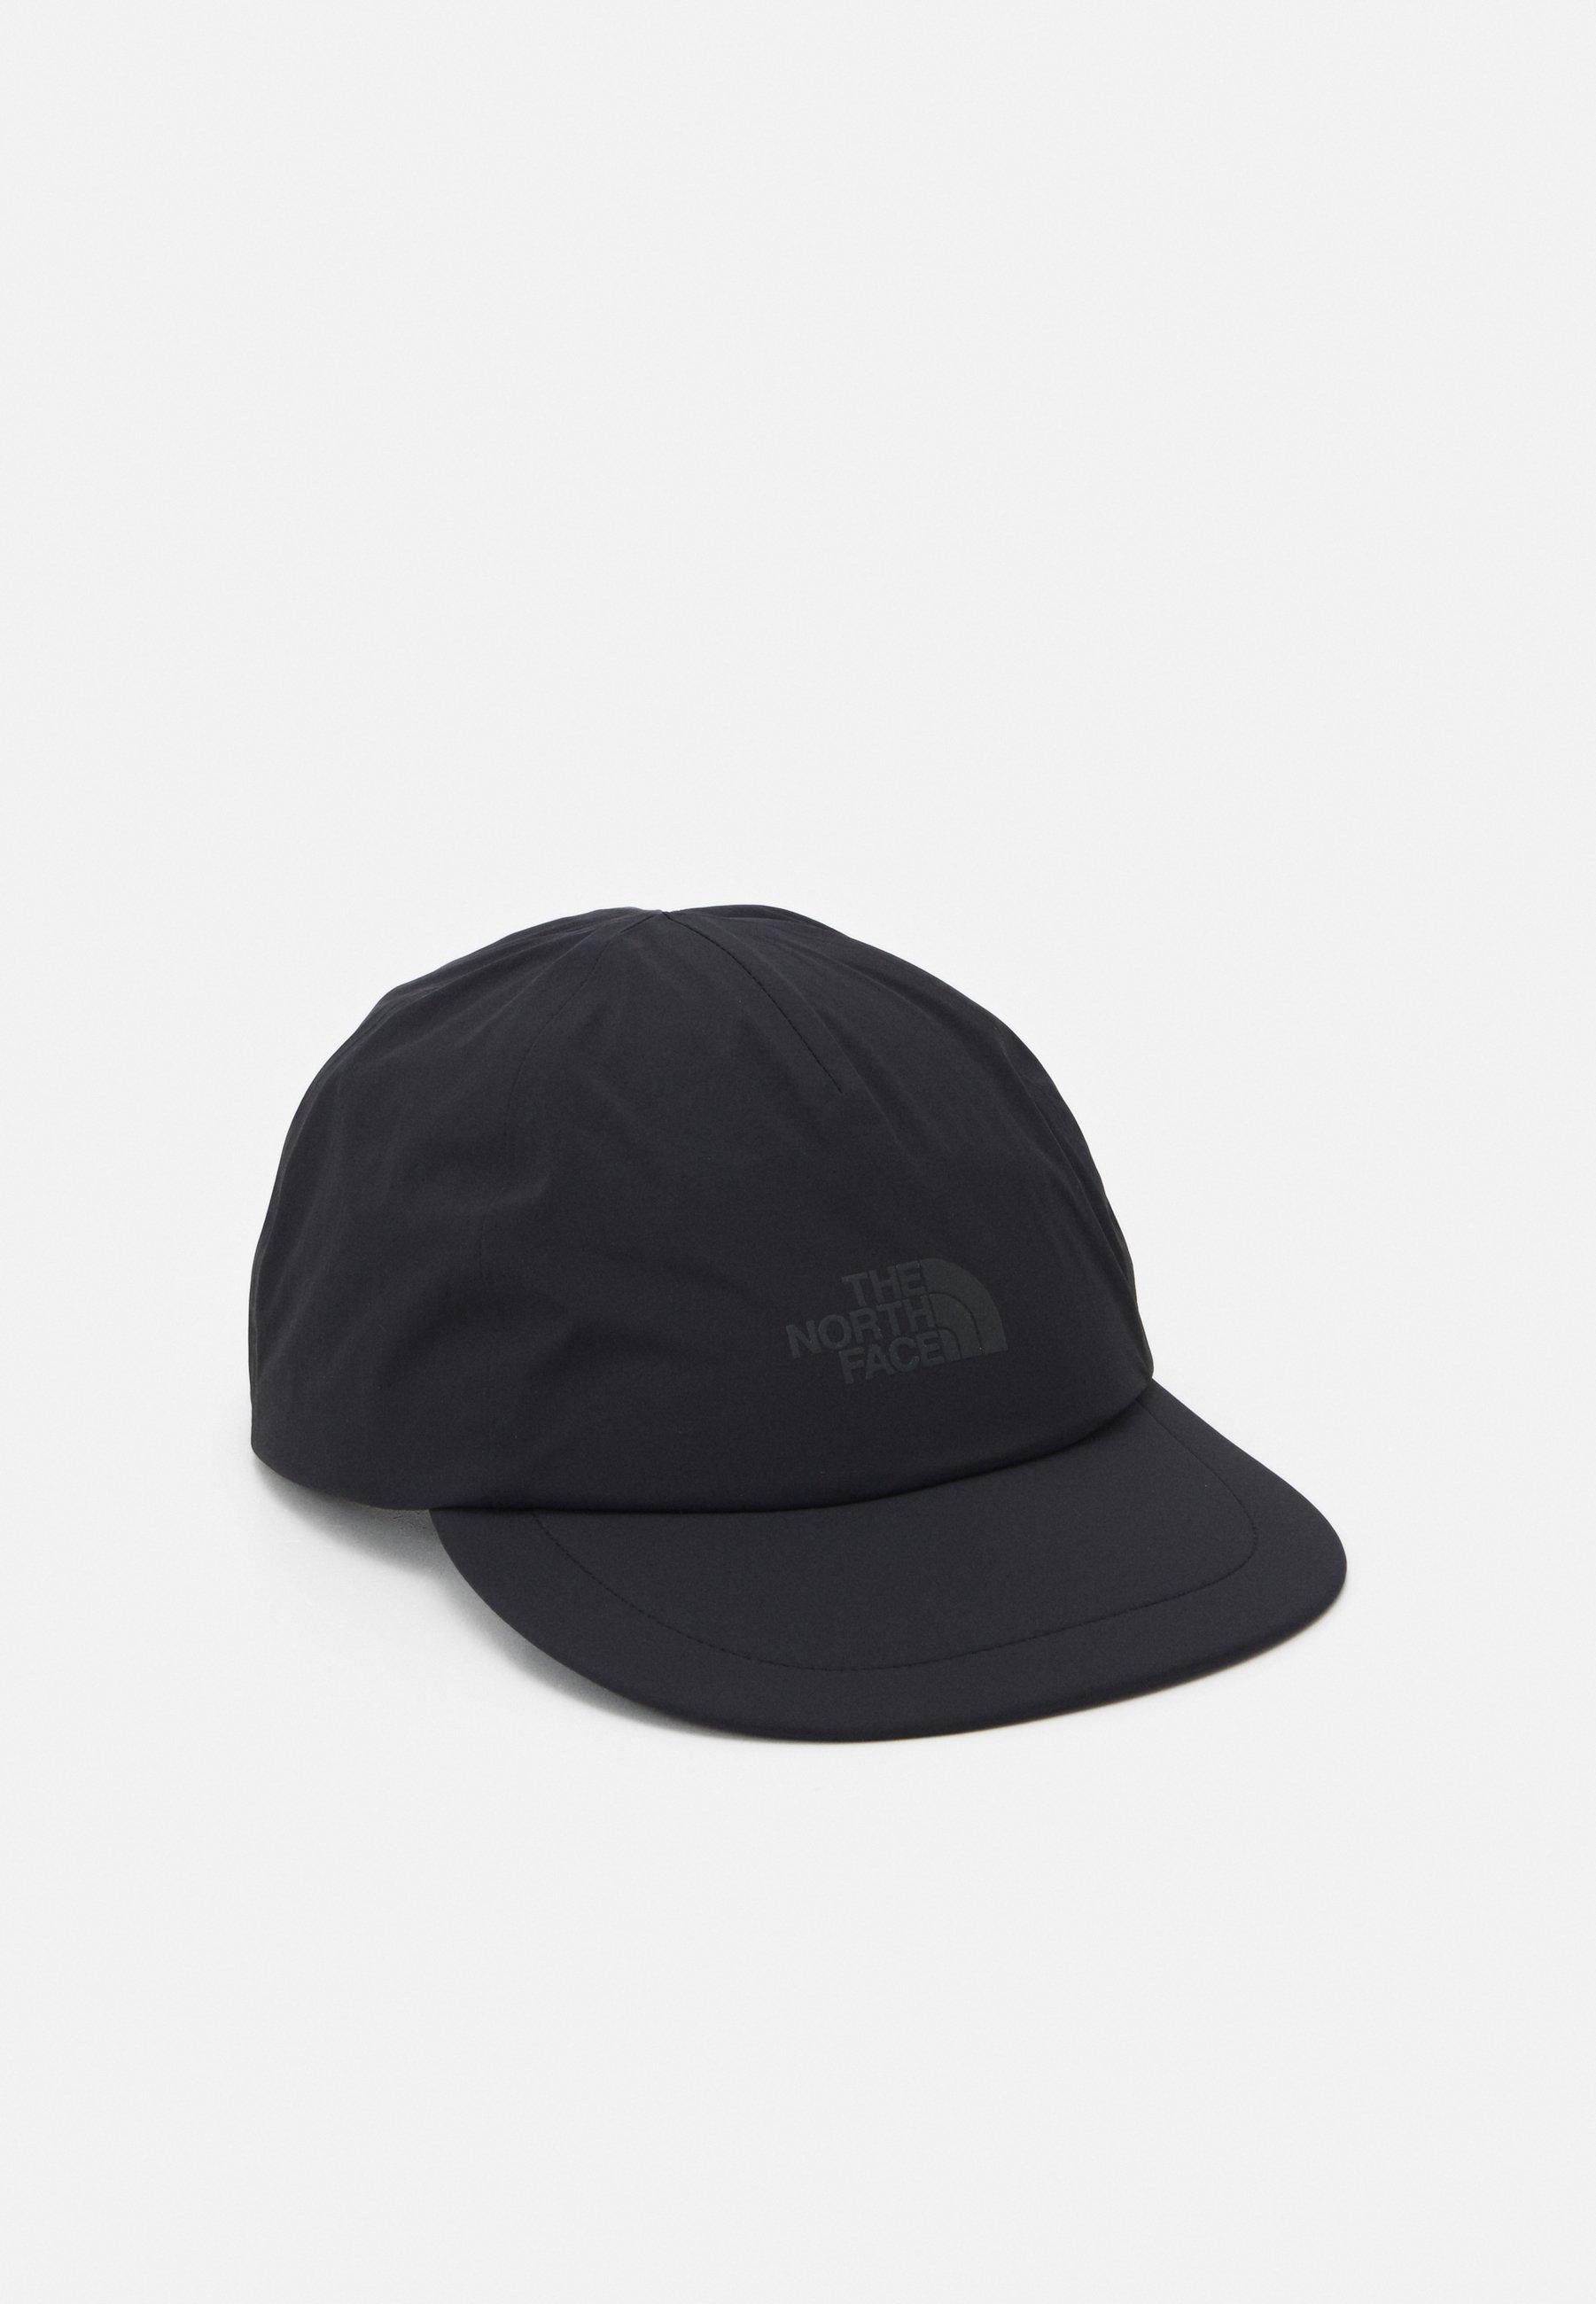 Homme CITY CRUSH FUTURELIGHT HAT UNISEX - Casquette